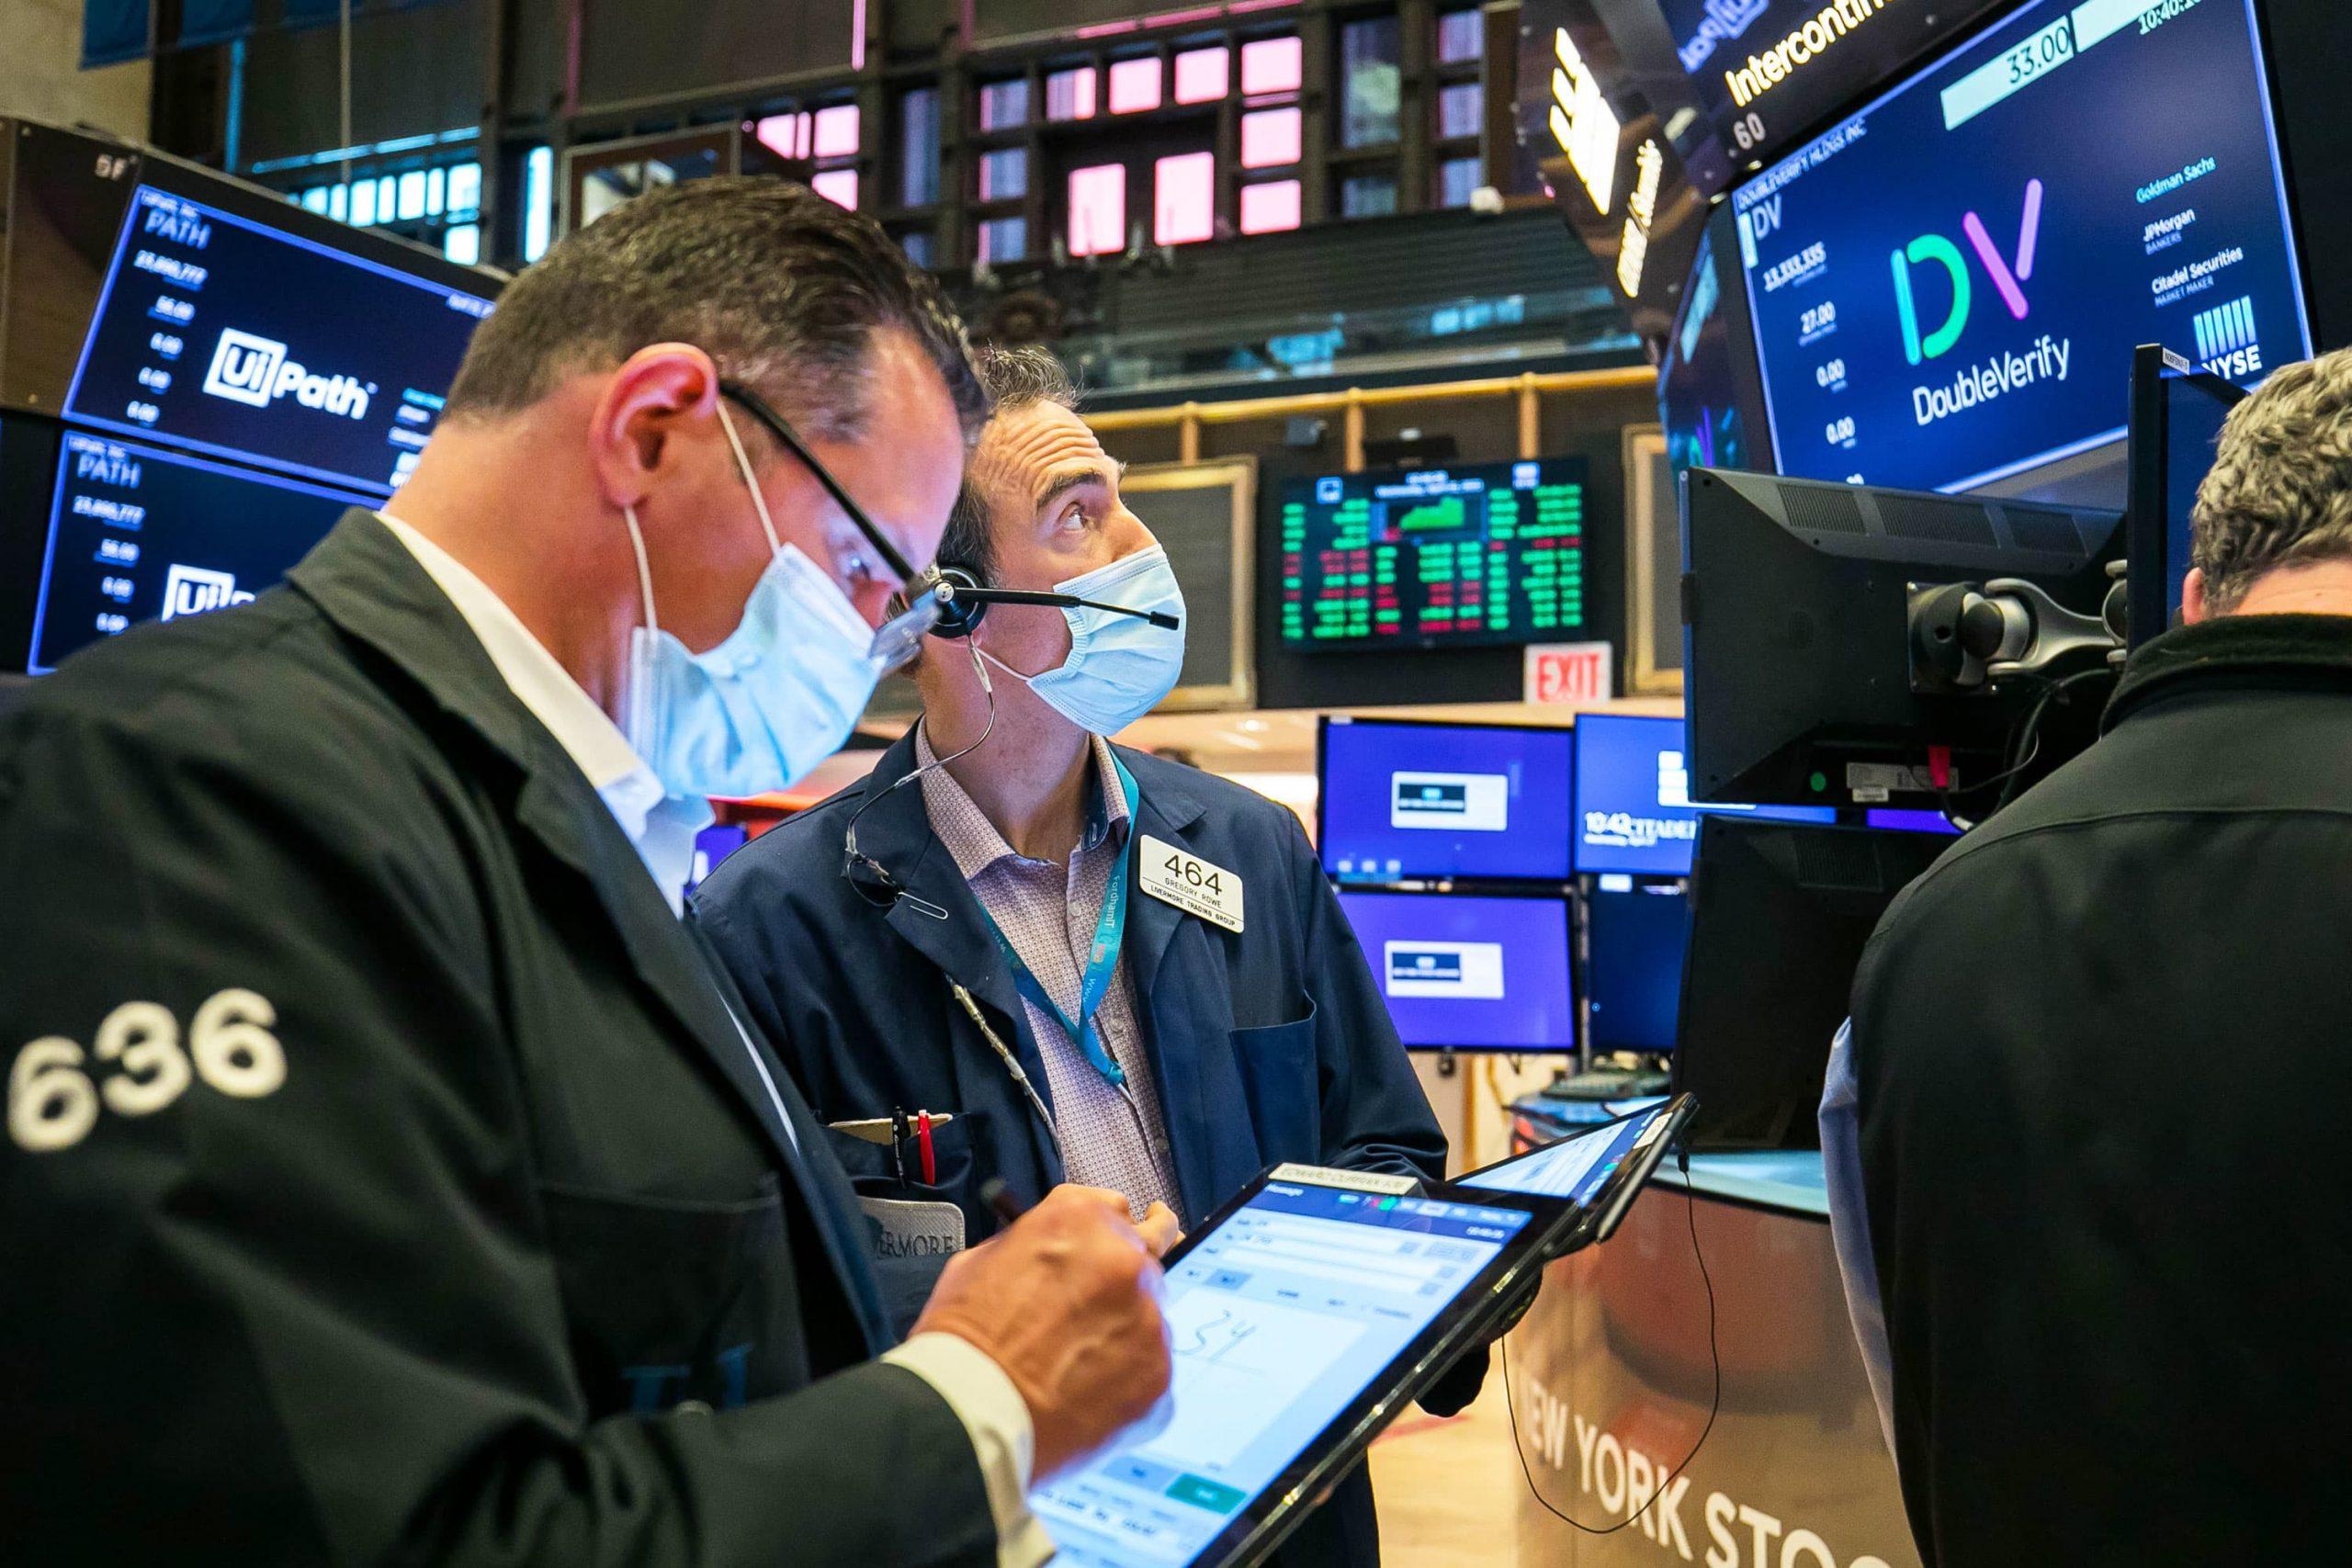 Los futuros de acciones suben después de que las preocupaciones sobre el aumento del impuesto sobre las ganancias de capital impulsa la venta